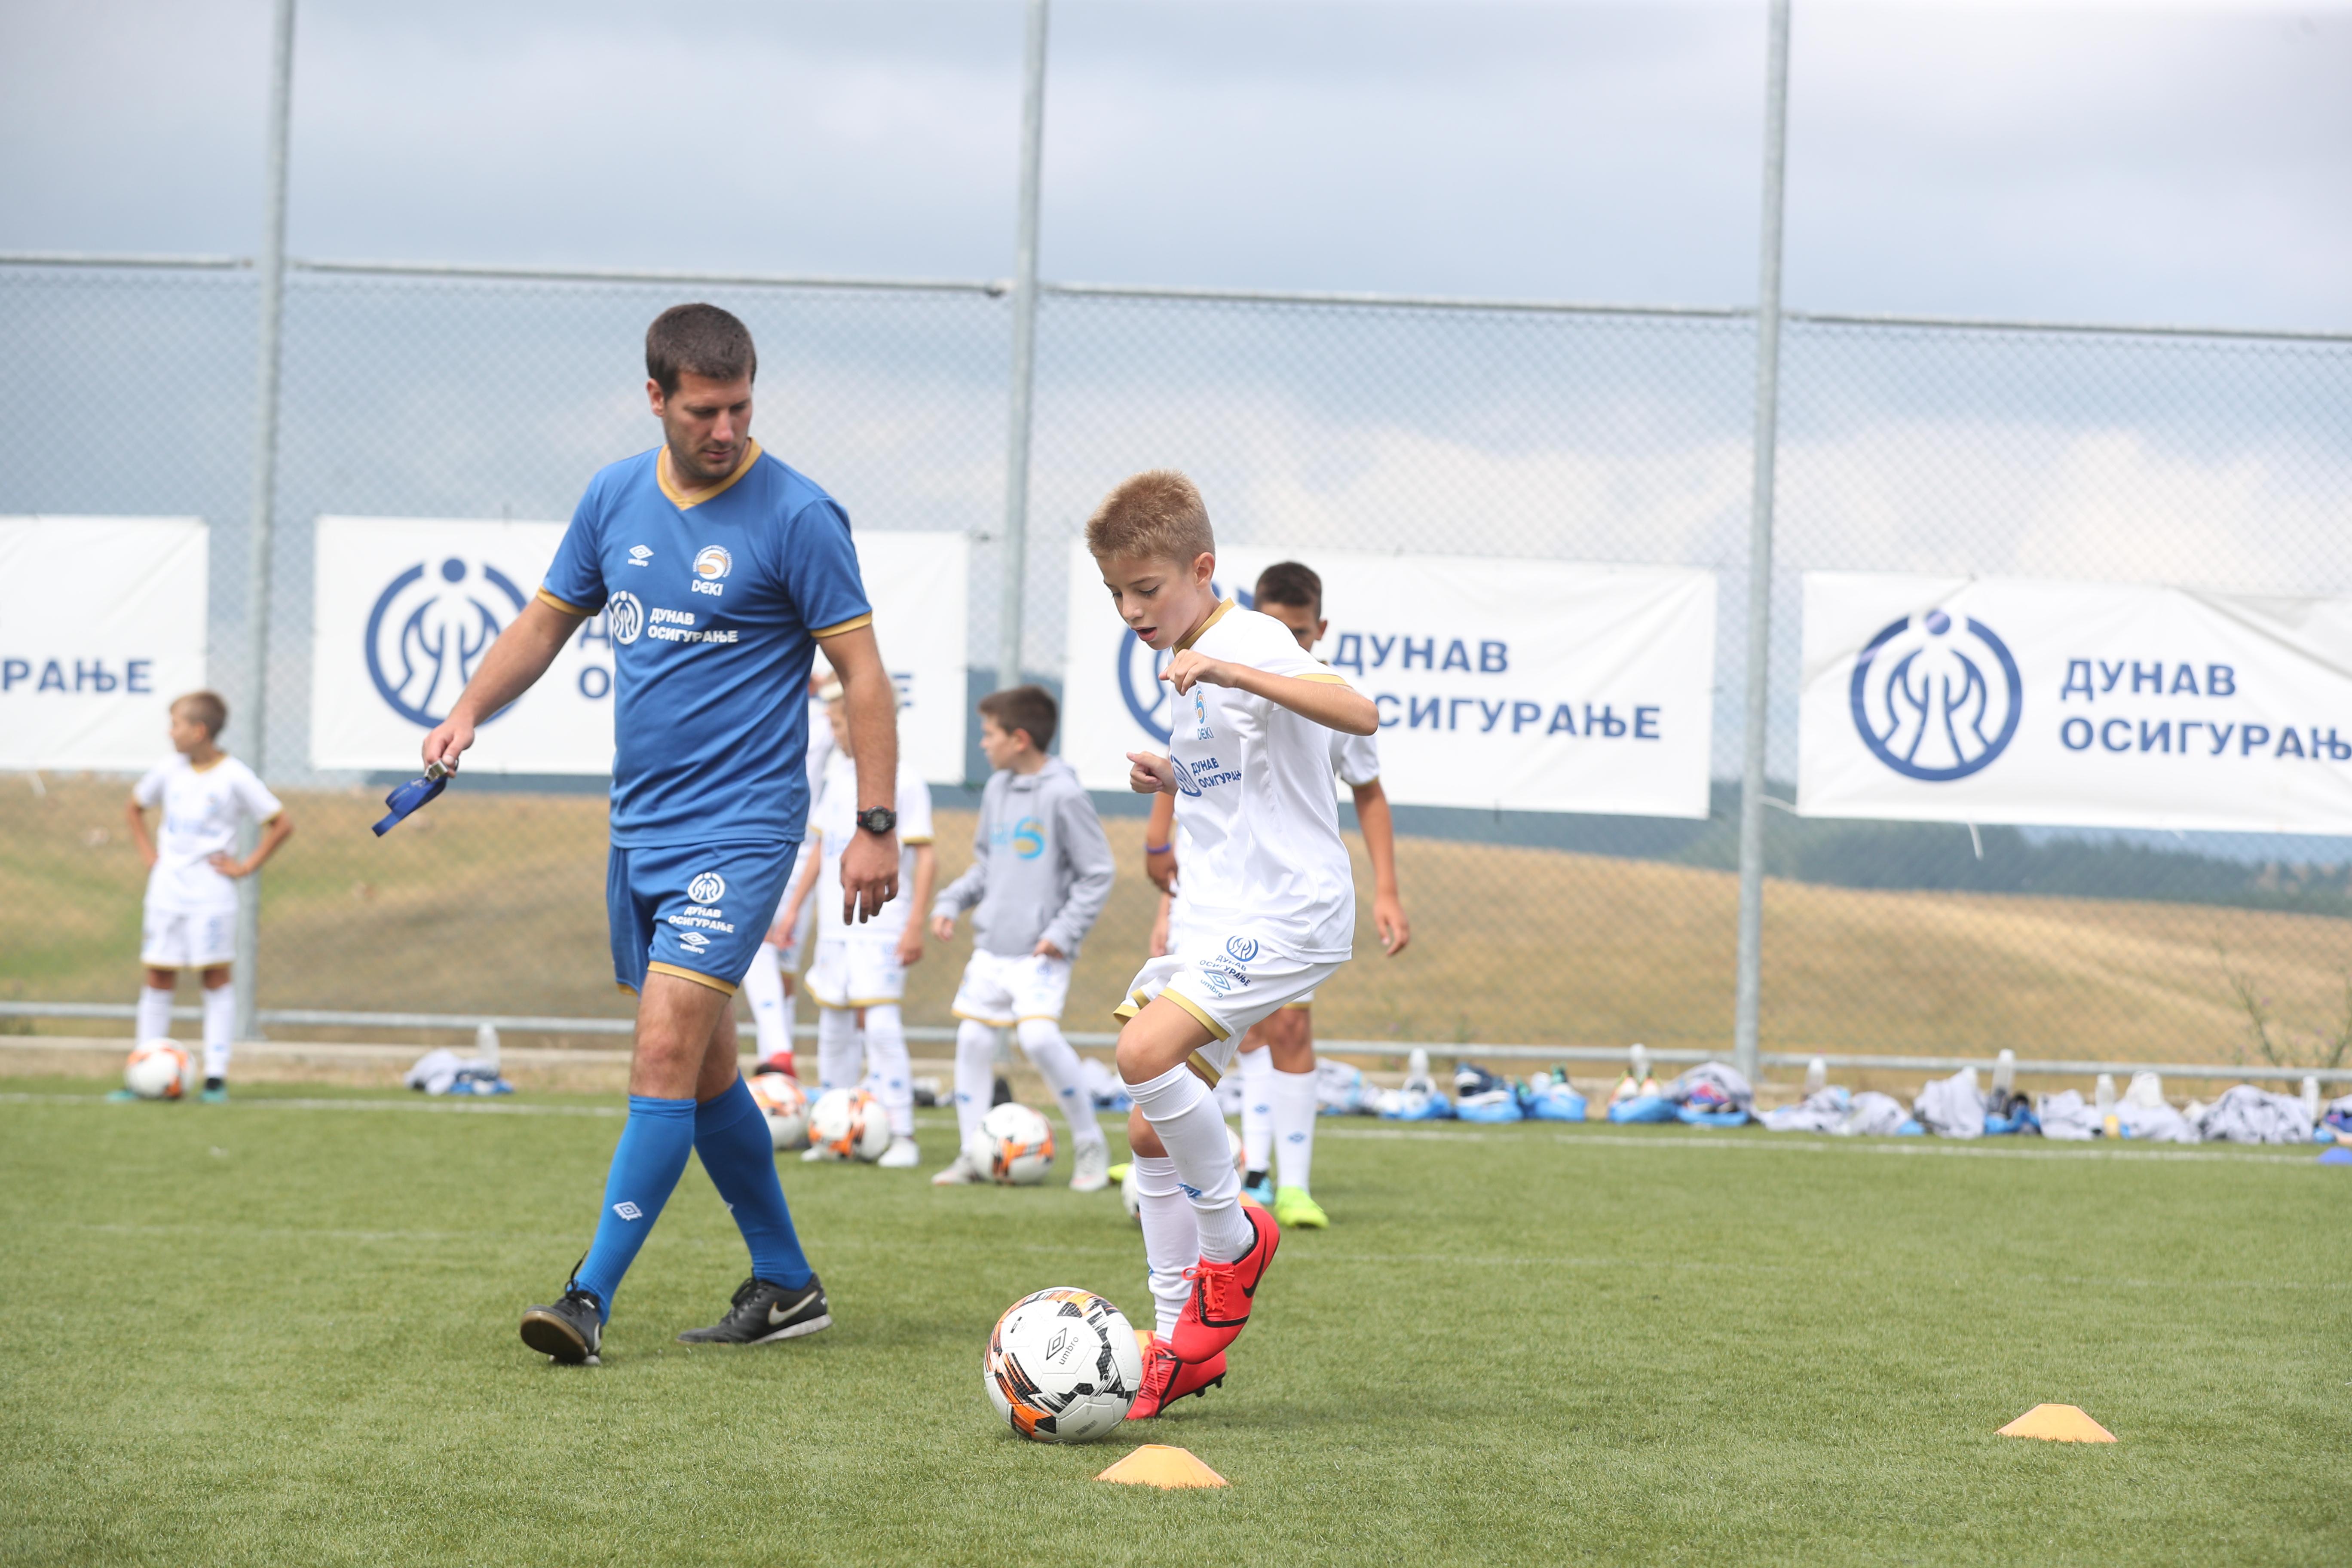 Filip Mičev